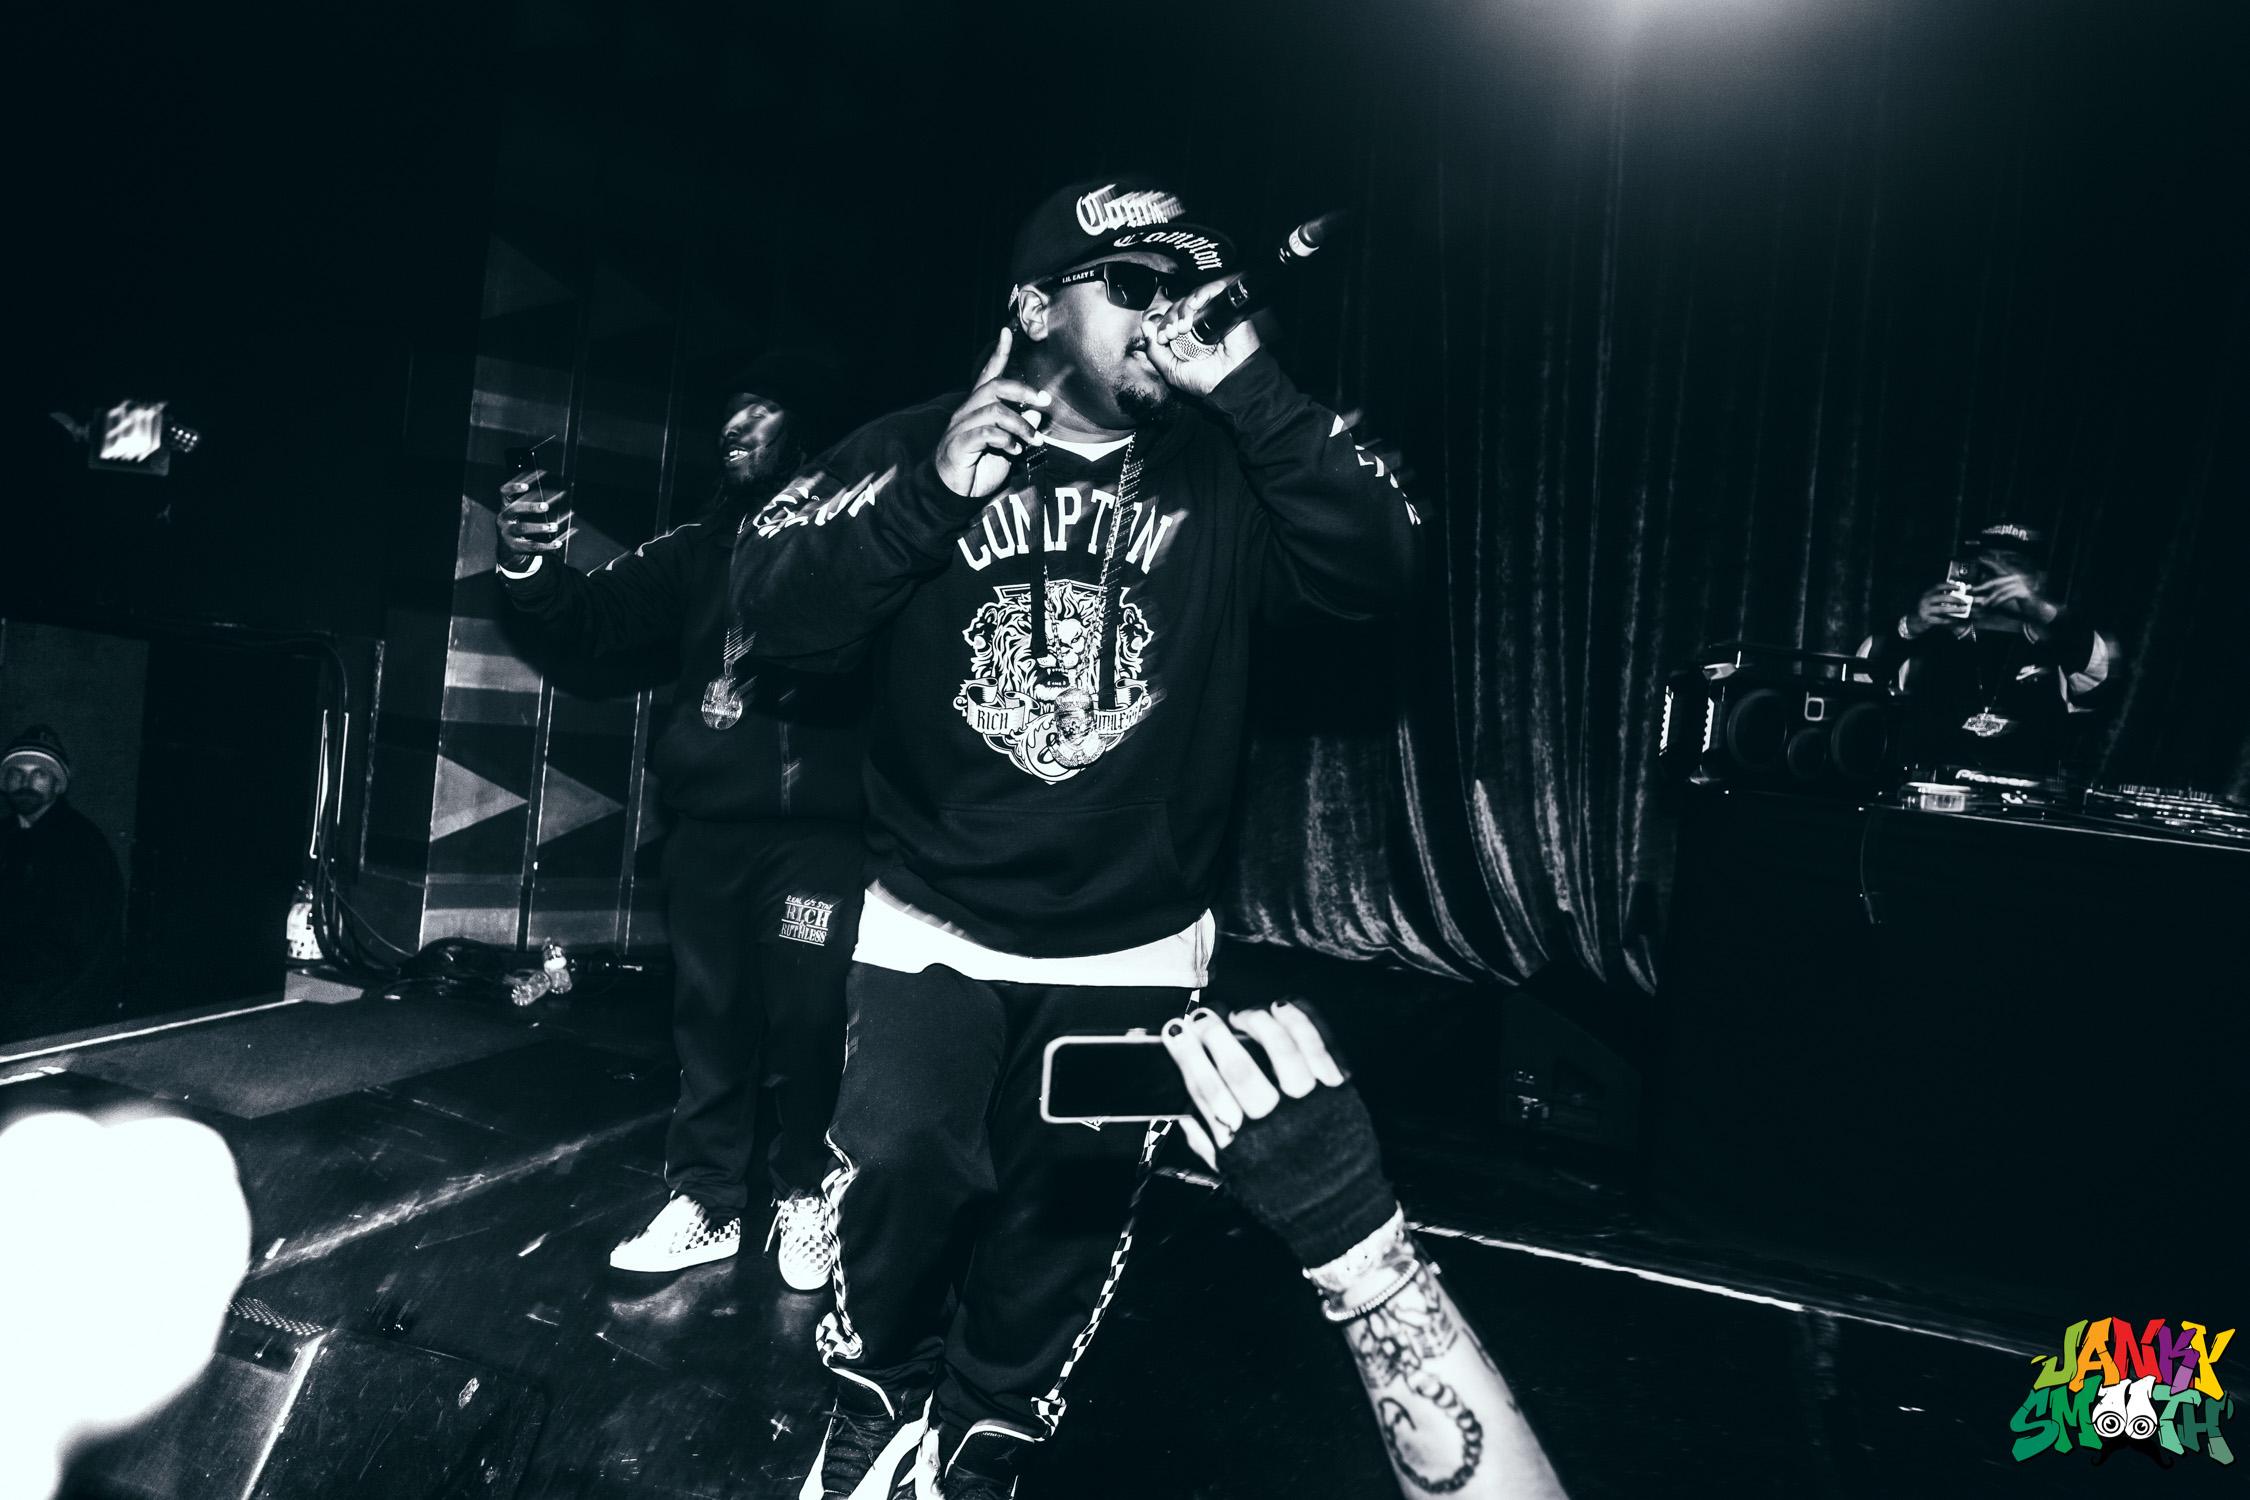 Lil Eazy E